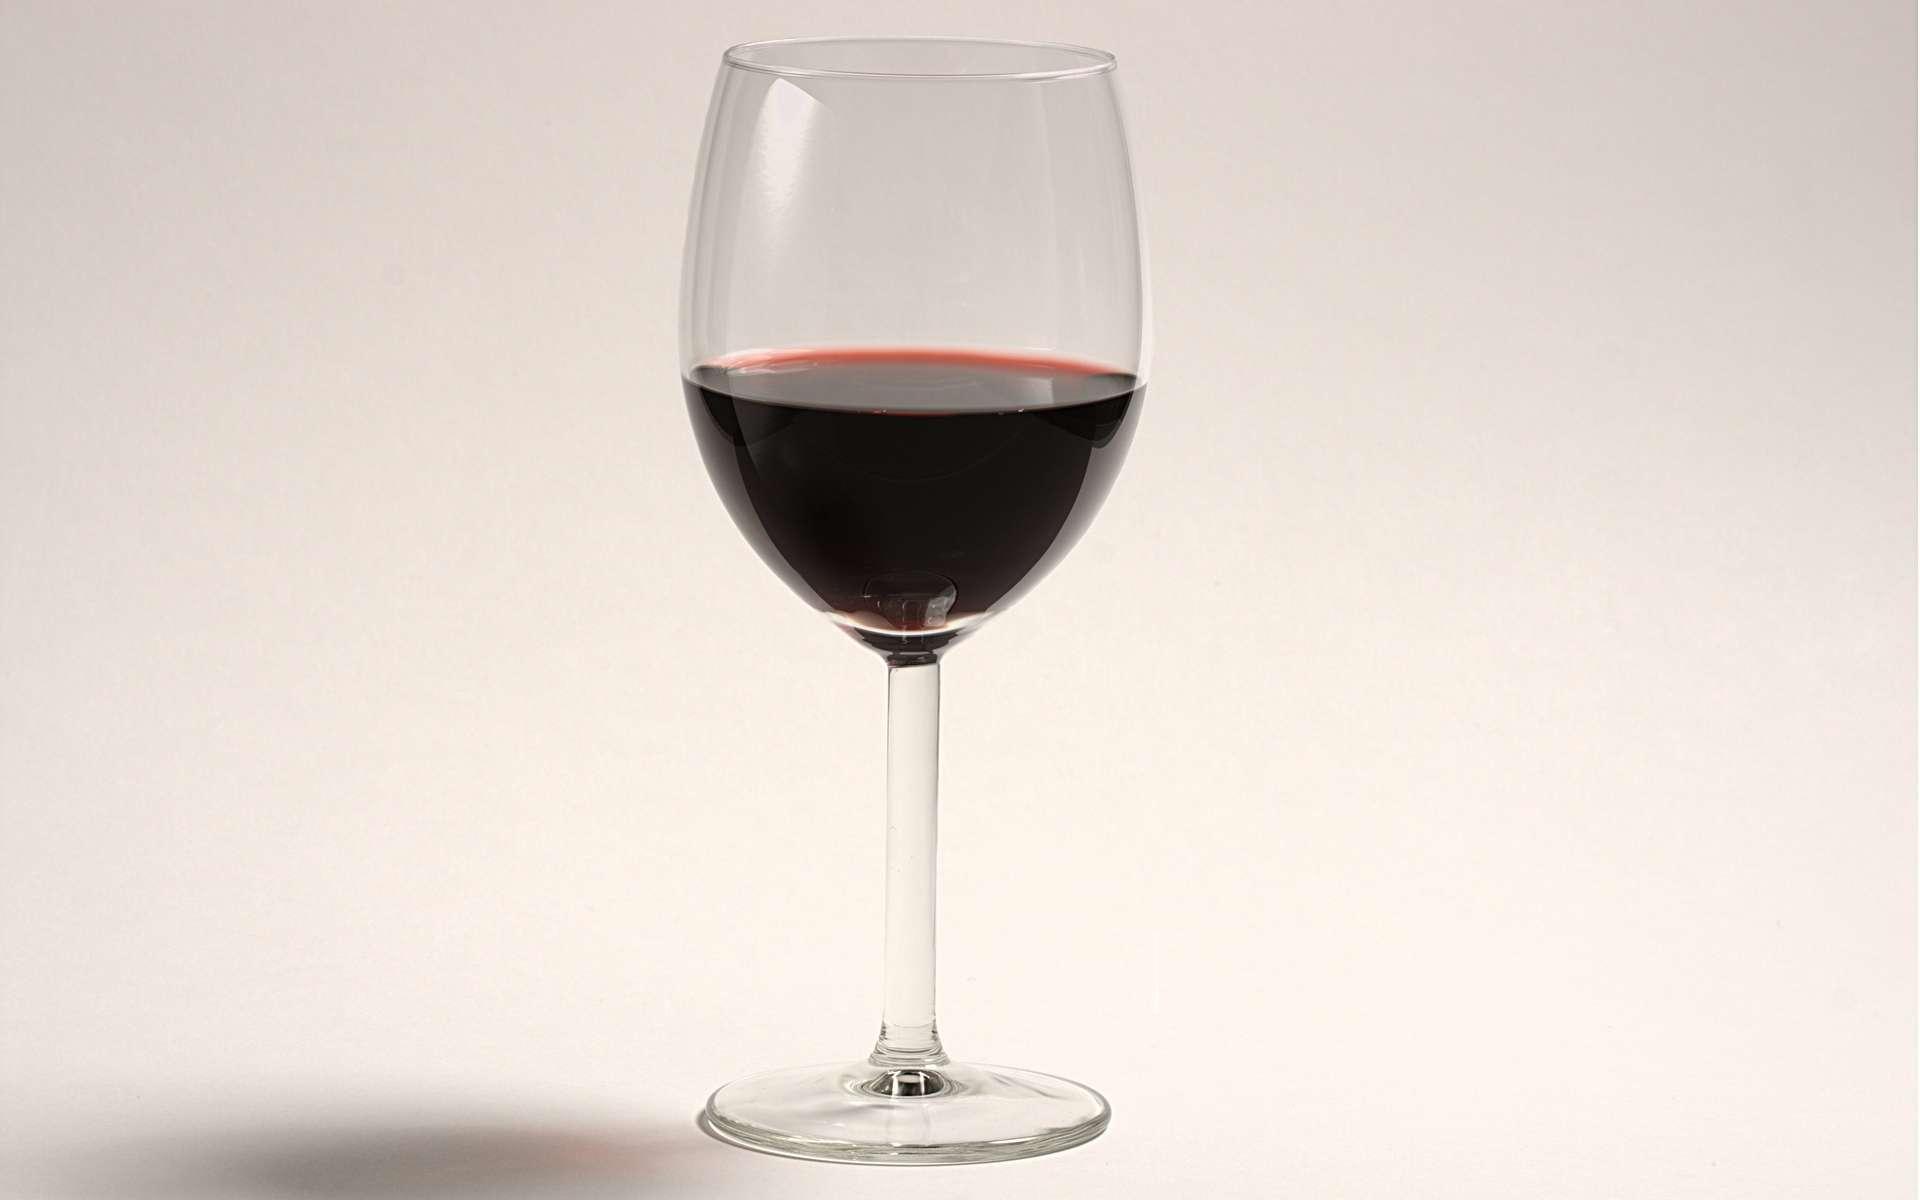 Un régime méditerranéen associé à un verre de vin rouge au dîner favoriserait l'augmentation du taux de bon cholestérol, abaisserait les composants du syndrome métabolique et améliorerait le sommeil. © David Restivo, Wikimedia Commons, CC by-sa 2.0